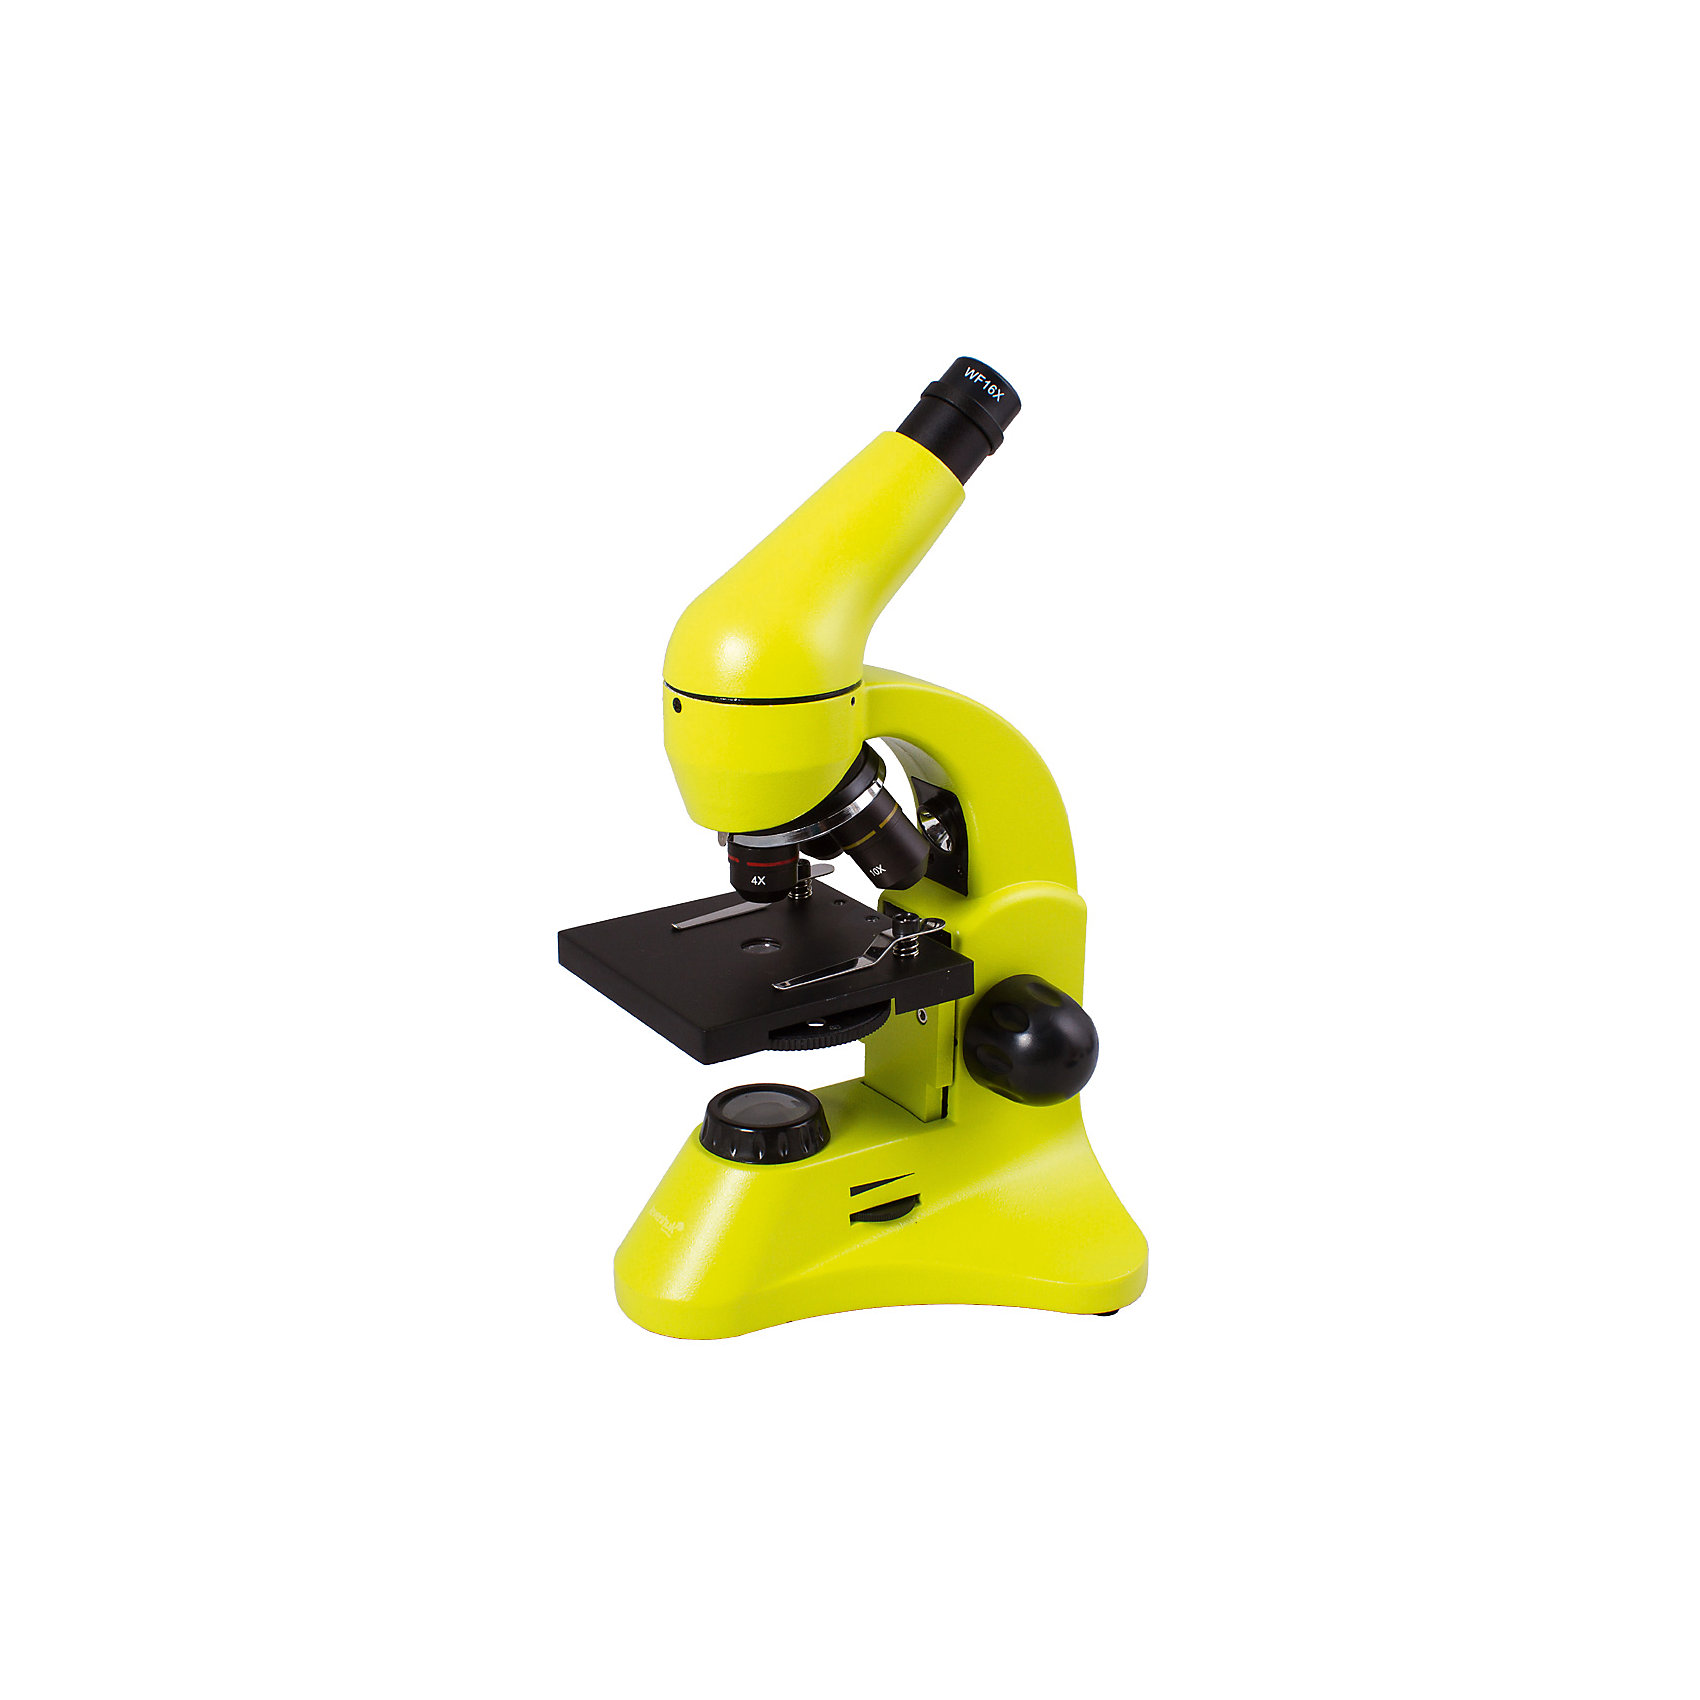 Микроскоп Levenhuk Rainbow 50L PLUS Lime\ЛаймМикроскопы<br>Характеристики товара:<br><br>• материал: металл, пластик<br>• увеличение: до 640 крат<br>• набор для опытов в комплекте<br>• прочный металлический корпус<br>• подсветка: светодиод<br>• лампа работает от батареек 2хАА<br>• комплектация: микроскоп, объективы: 4х, 10х и 40хs, окуляр: WF10x–16x, предметный столик с зажимами, диск с диафрагмами, конденсор, встроенные нижний и верхний осветители на светодиодах, сетевой адаптер (питание 220 В, 50 Гц), инструкция по эксплуатации и гарантийный талон, пинцет, инкубатор для артемии, микротом, флакон с дрожжами, флакон со смолой для изготовления препаратов, флакон с морской солью, флакон с артемией (морским рачком), 5 готовых образцов и 5 чистых предметных стекол, пипетка, пылезащитный чехол<br>• угол наклона окулярной насадки: 45°<br>• страна бренда: США<br>• страна производства: КНР<br><br>Собственный микроскоп - это отличный способ заинтересовать ребенка наукой и привить ему интерес к учебе. Эта модель микроскопа была разработана специально для детей - он позволяет увеличивать препарат в 640 крат, с помощью этого дети могут исследовать состав и структуру разнообразных предметов, веществ и организмов. Благодаря стильному дизайну этот микроскоп отлично вписывается в интерьер!<br><br>Оптические приборы от американской компании Levenhuk уже успели зарекомендовать себя как качественная и надежная продукция. Для их производства используются только безопасные и проверенные материалы. Такой прибор способен прослужить долго. Подарите ребенку интересную и полезную вещь!<br><br>Микроскоп Rainbow 50L PLUS Lime\Лайм от известного бренда Levenhuk (Левенгук) можно купить в нашем интернет-магазине.<br><br>Ширина мм: 180<br>Глубина мм: 405<br>Высота мм: 270<br>Вес г: 3240<br>Возраст от месяцев: 60<br>Возраст до месяцев: 2147483647<br>Пол: Унисекс<br>Возраст: Детский<br>SKU: 5435282